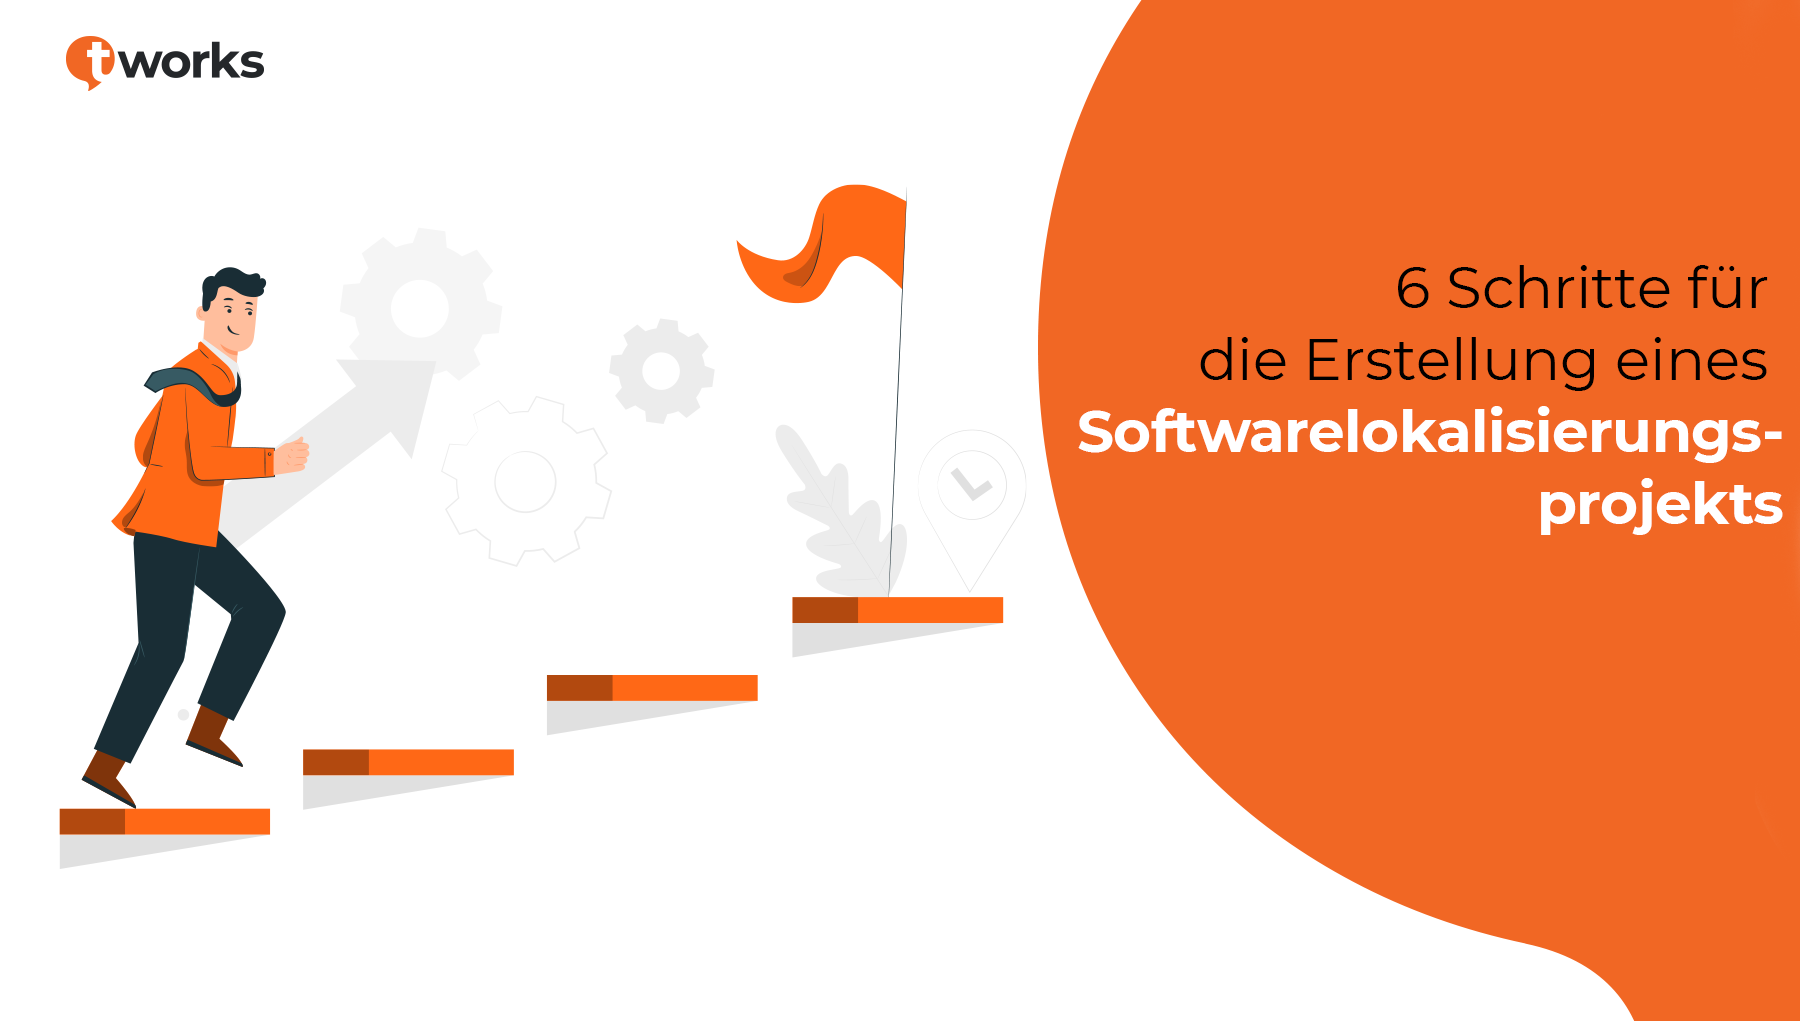 Softwarelokalisierung bei t'works